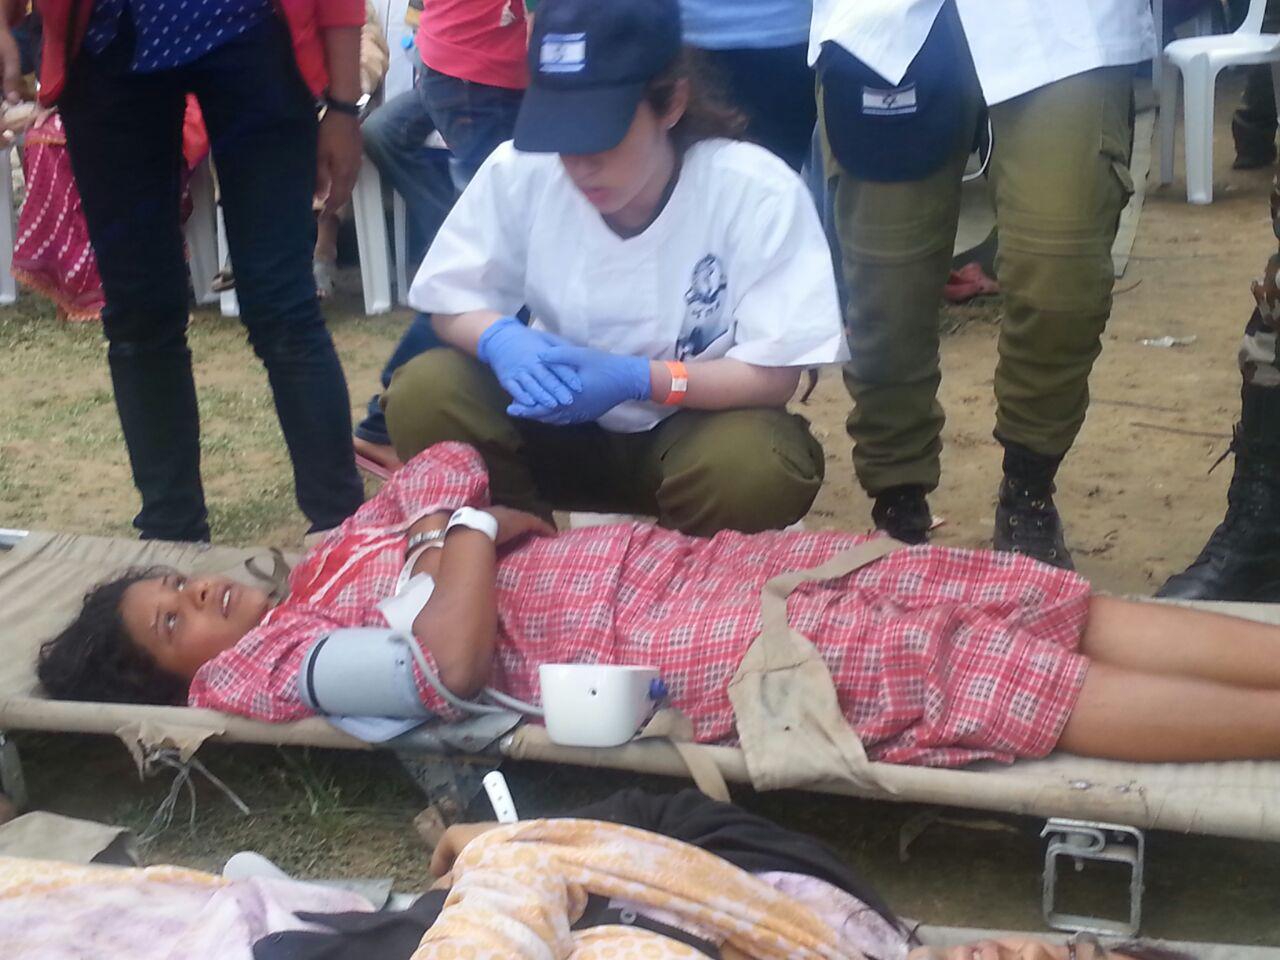 לא נשארים אדישים, סיוע ישראלי בקטמנדו (צ'-מערכת וואלה)